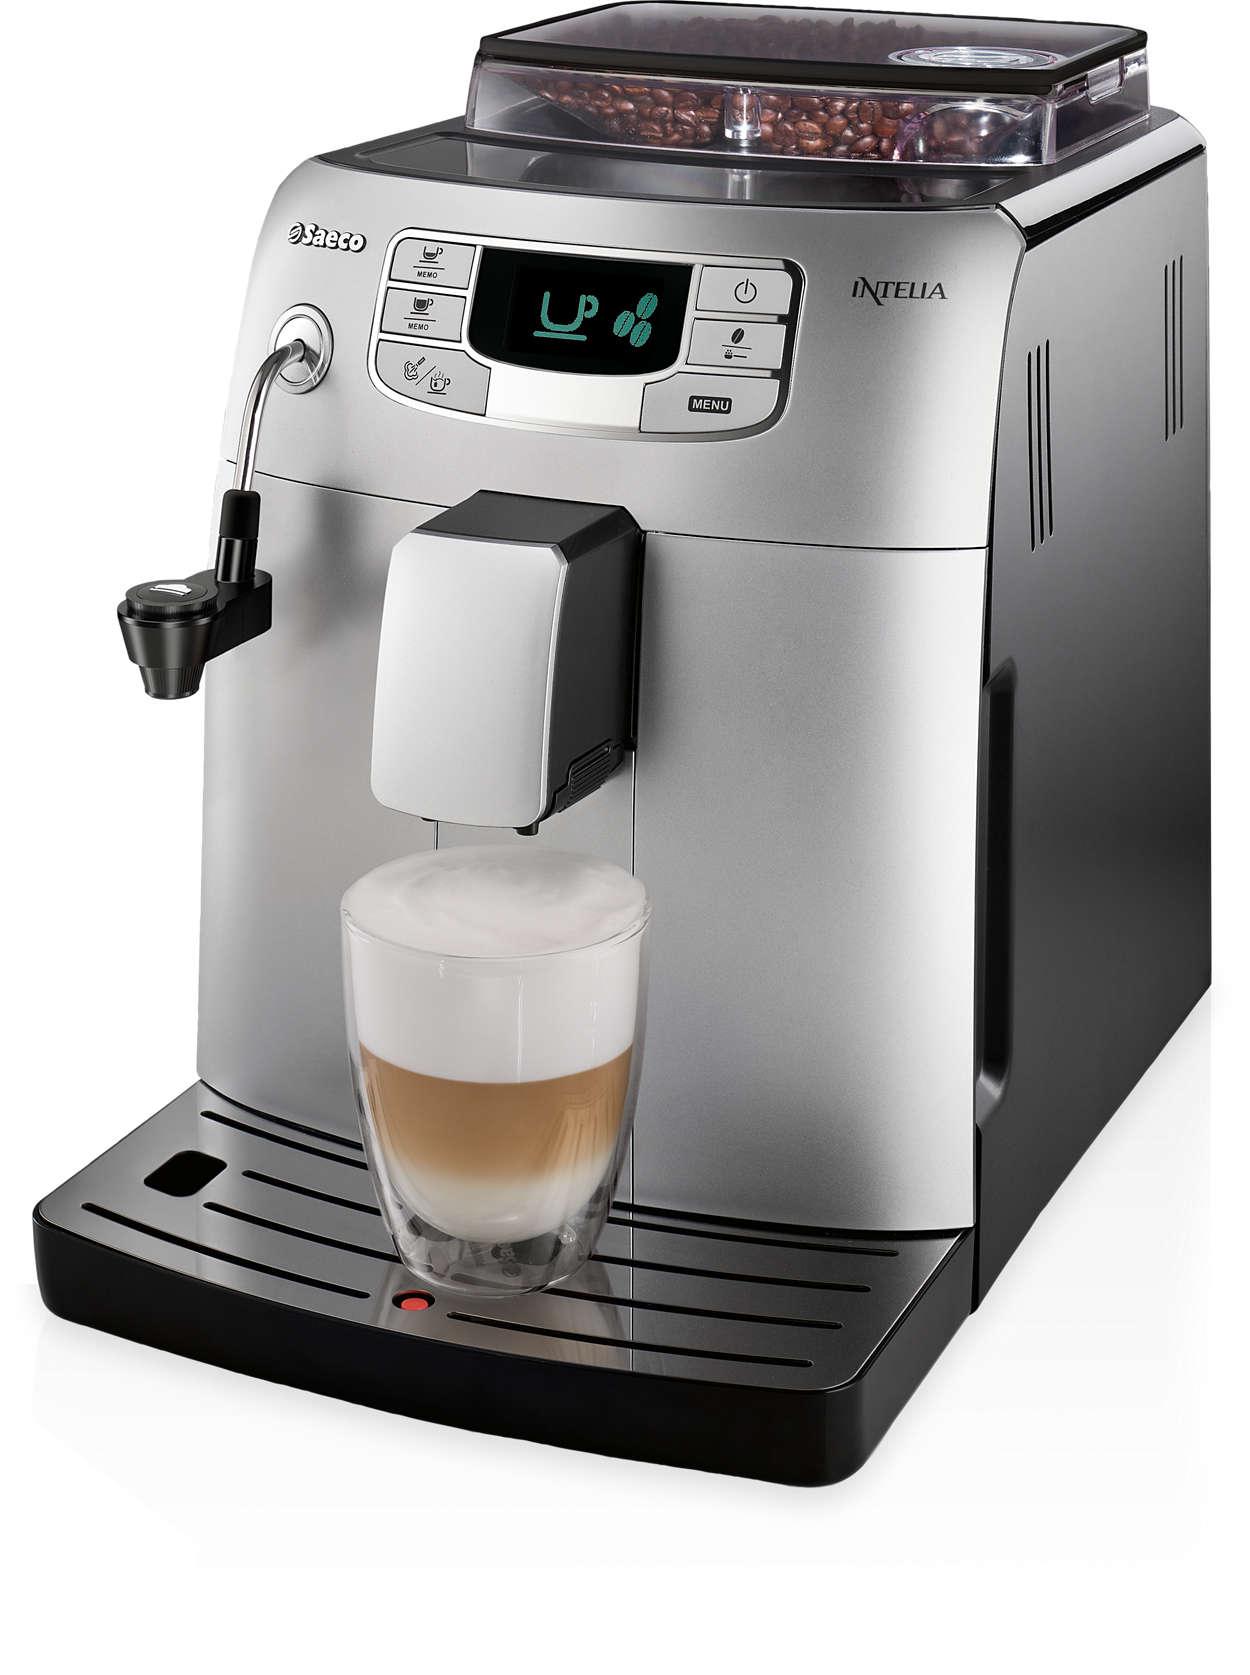 Эспрессо и другие виды кофе простым нажатием кнопки